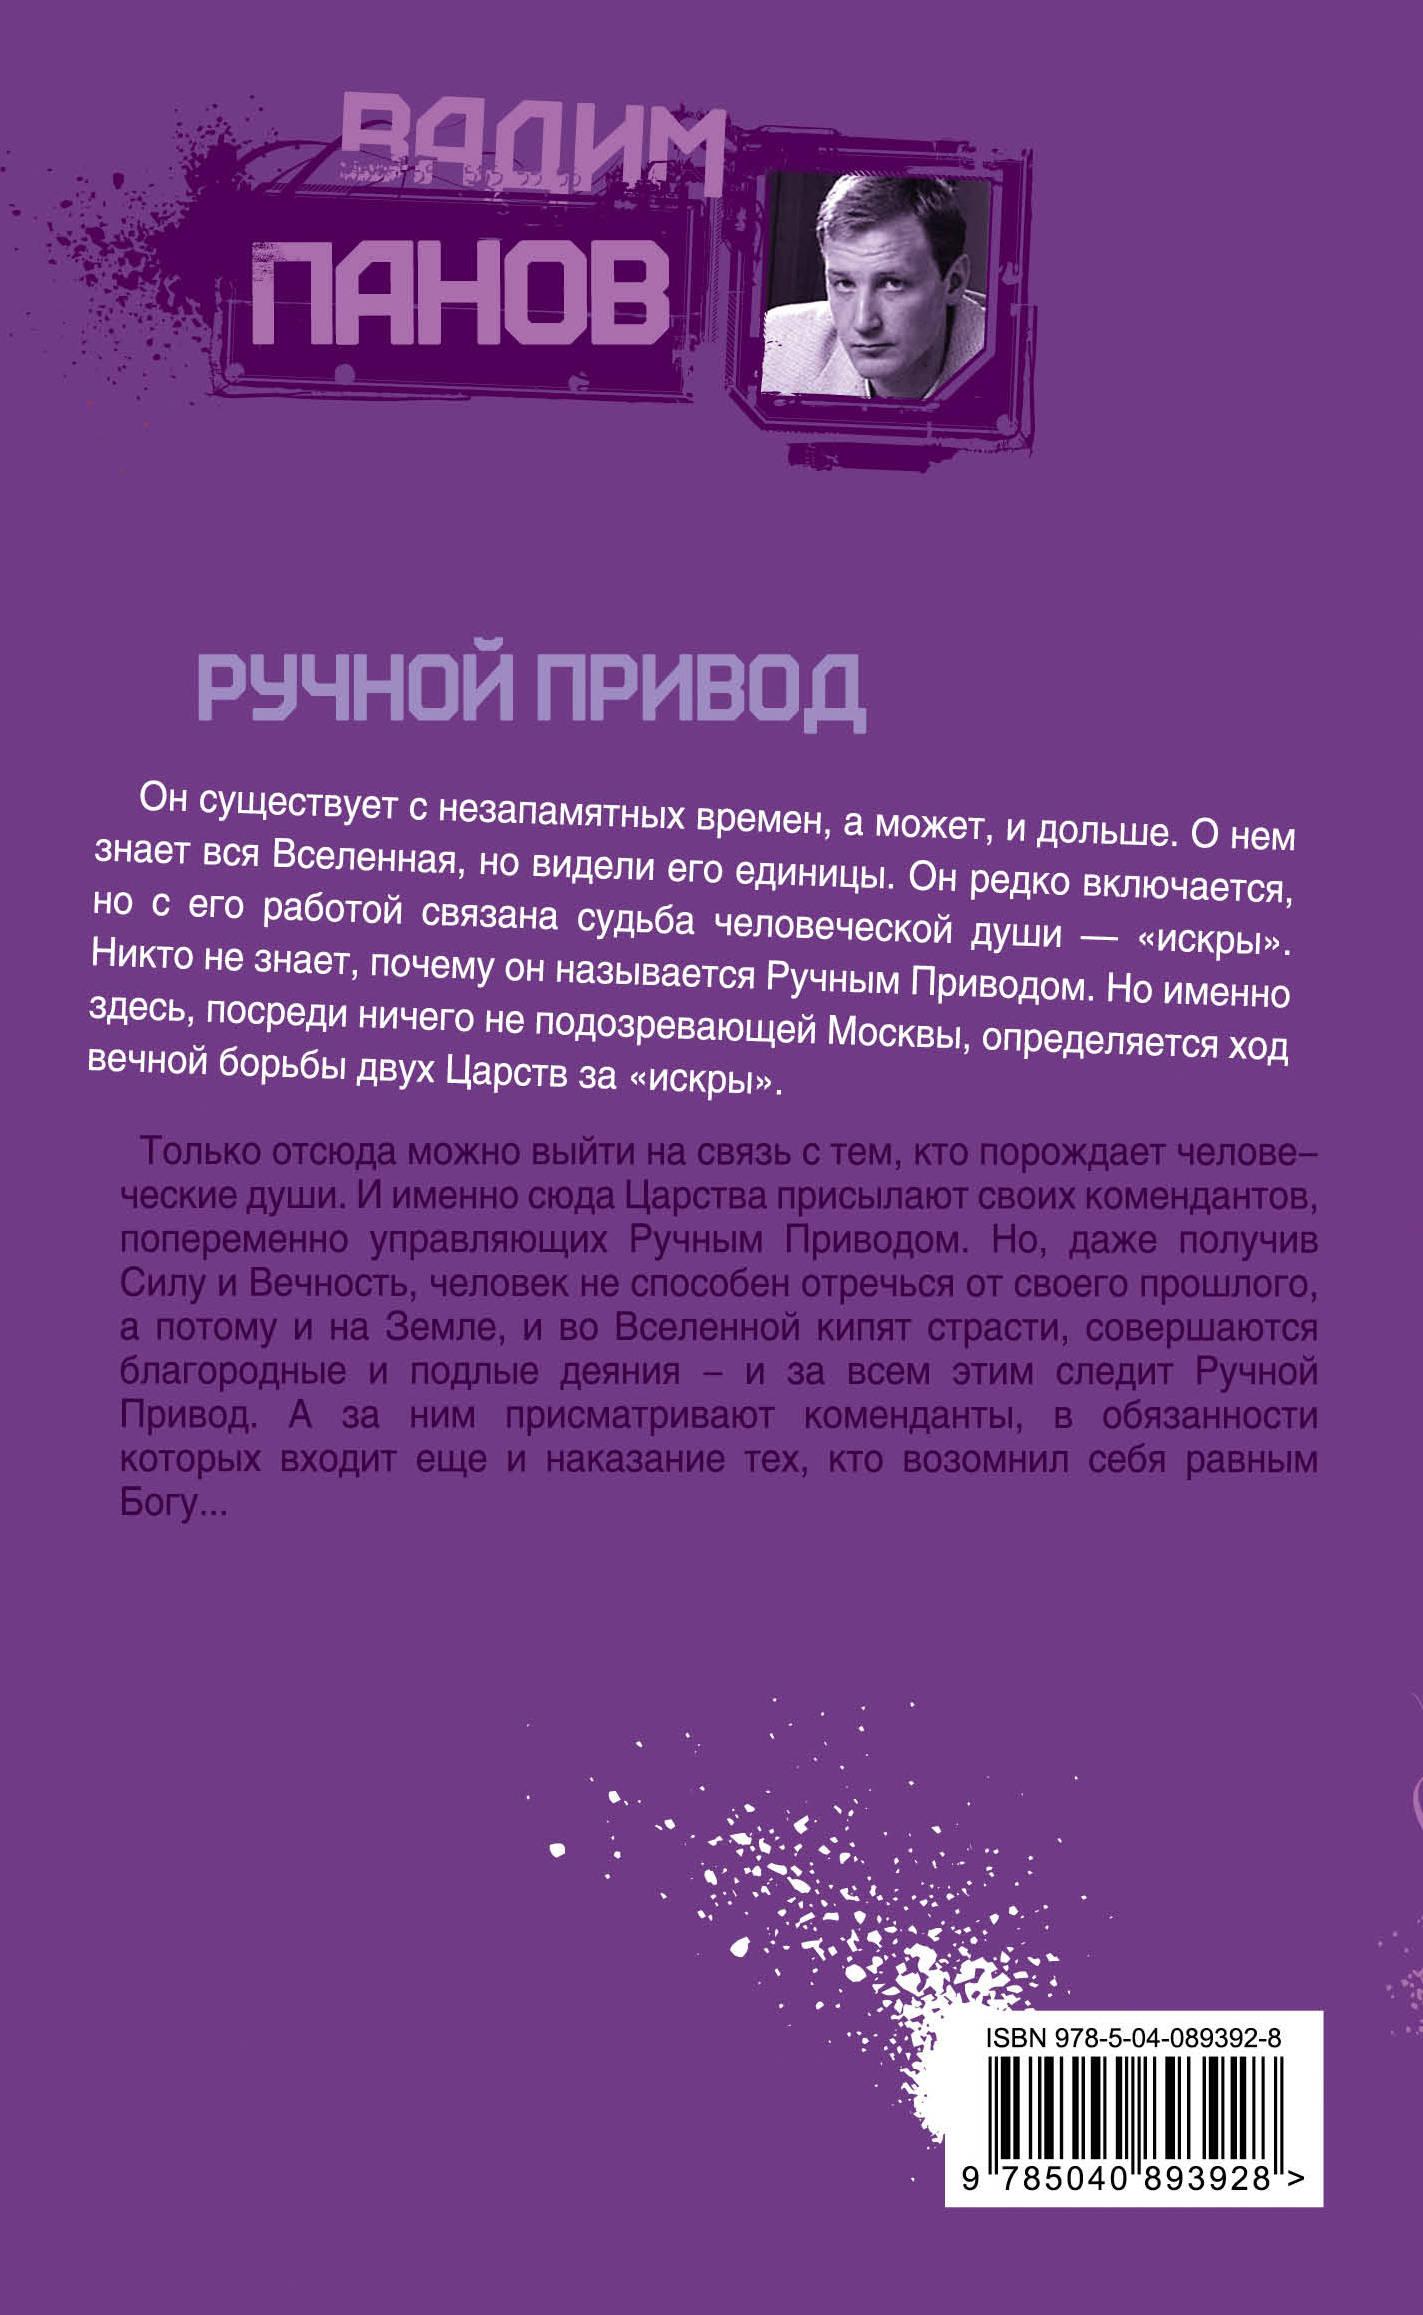 Ручной Привод. Вадим Панов